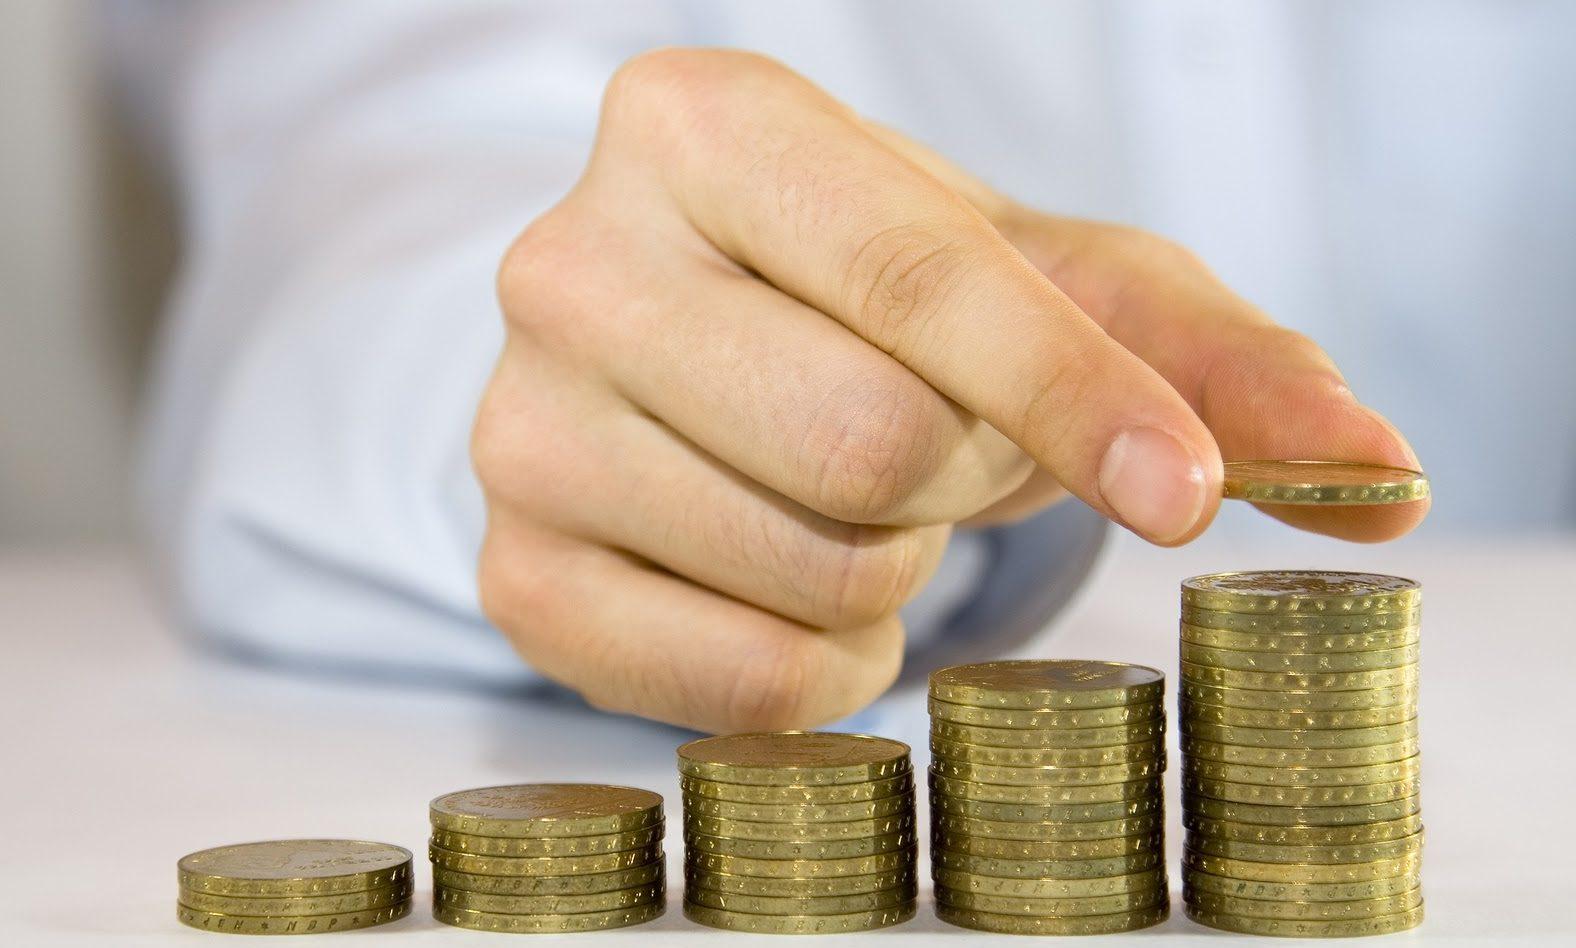 idézi, hogyan lehet pénzt keresni